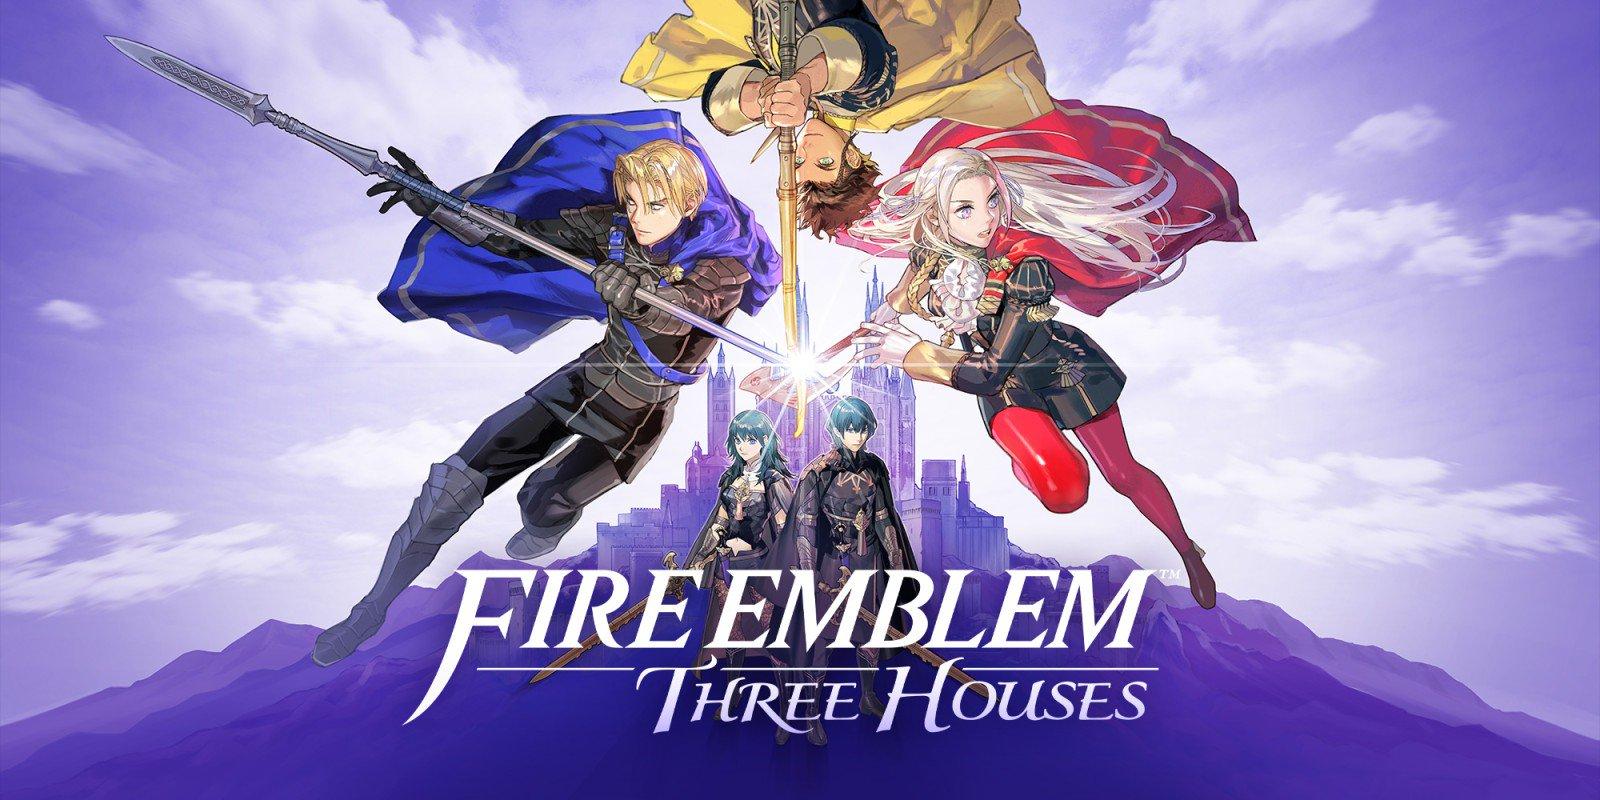 Fire Emblem: Three Houses recebe nova atualização (1.1.0): Novo conteúdo do Expansion Pass DLC trás interação com animais, possibilidade de recrutar Anna e mais